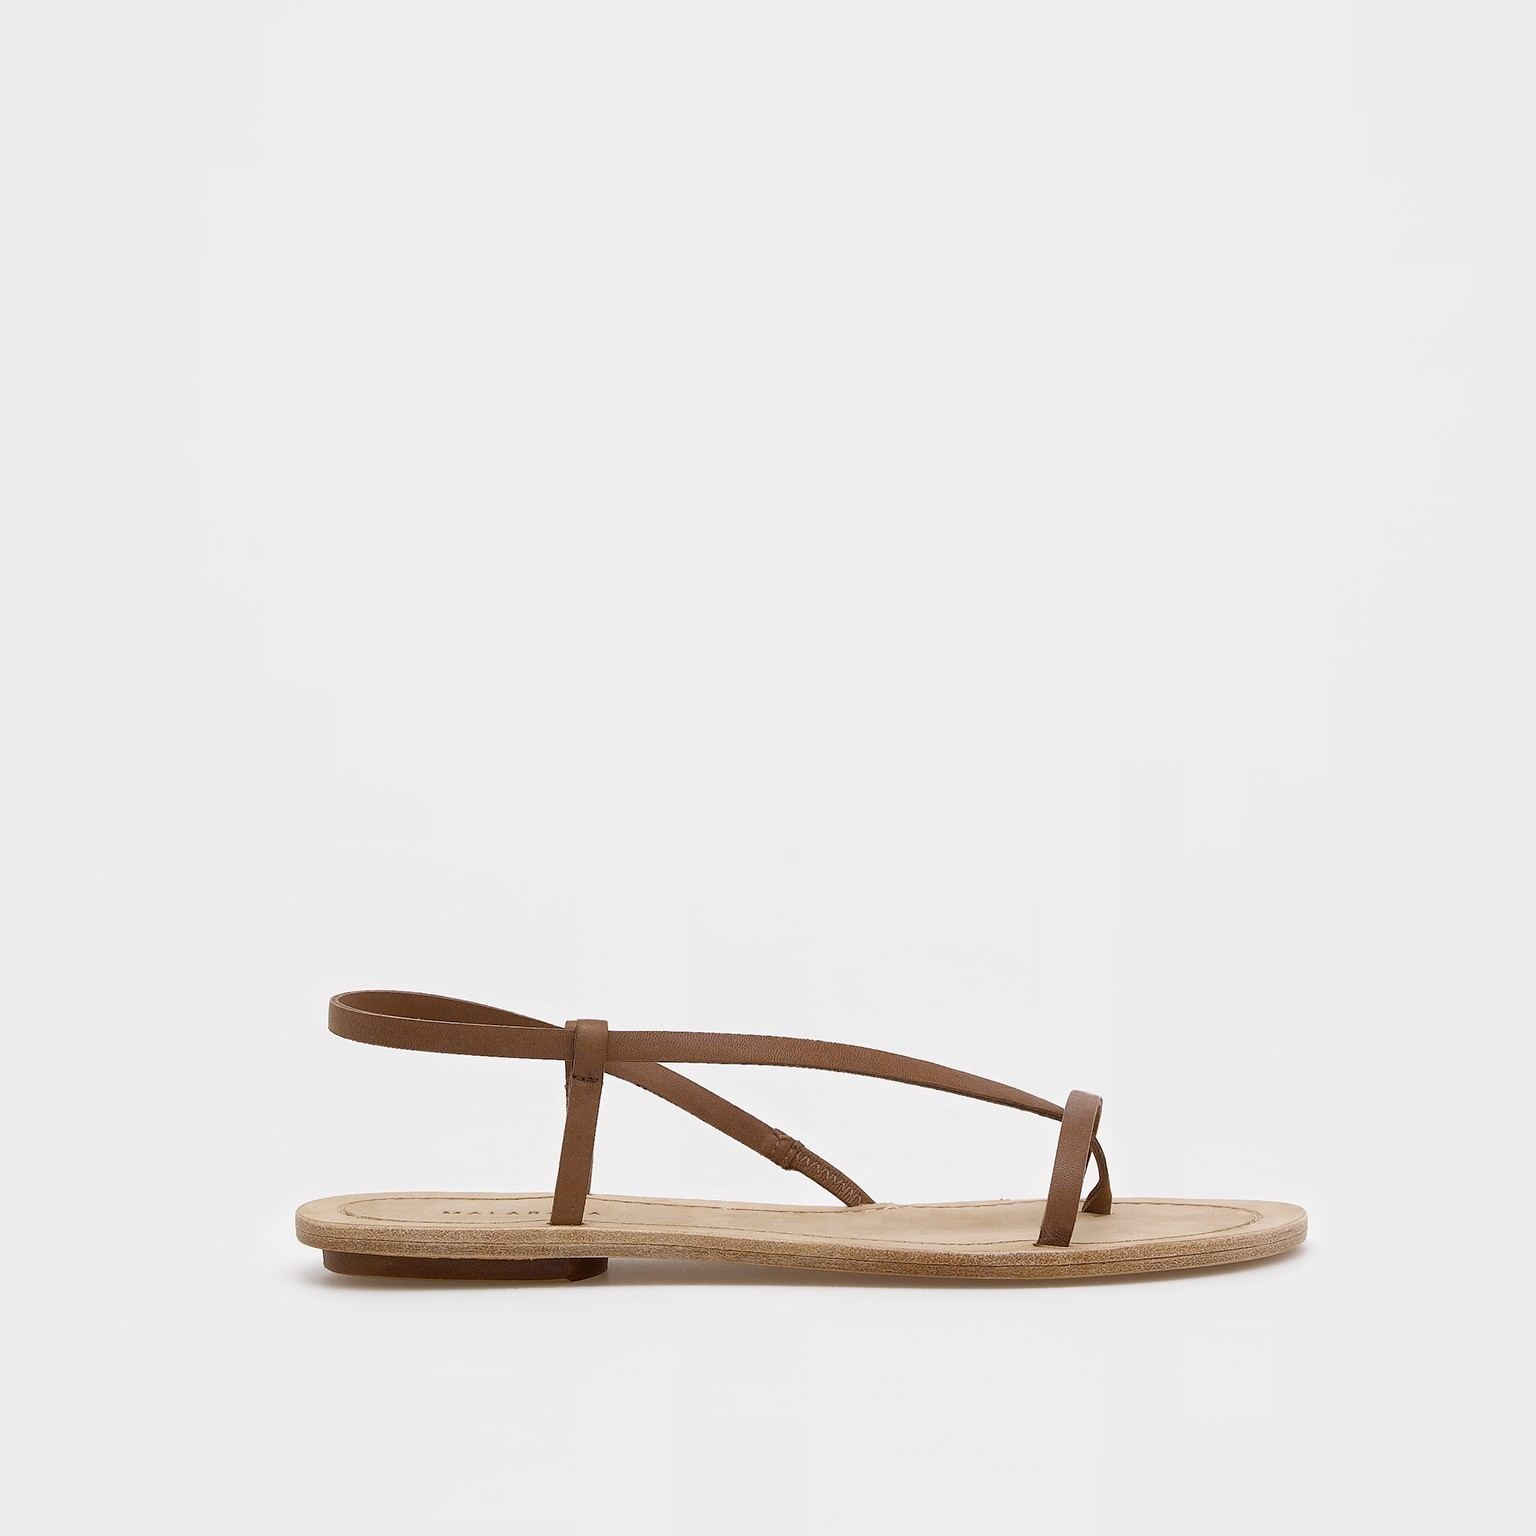 Sandalias de piel de estilo minimalista de Malababa